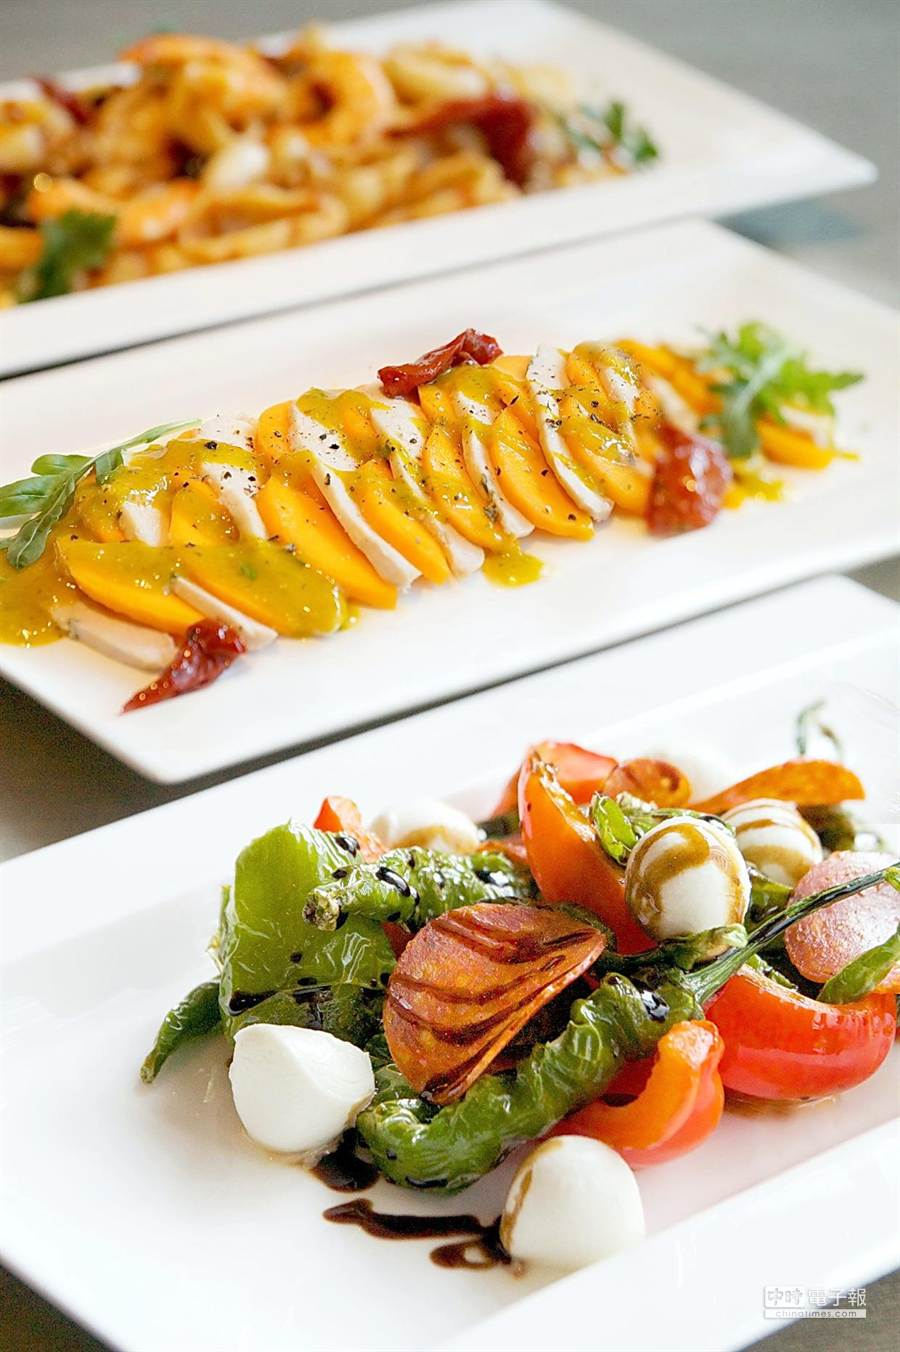 寒舍艾麗La Farfalla餐廳的自助取餐檯上本季新增了許多水果入饌的義式開胃菜。(圖/寒舍艾麗酒店)